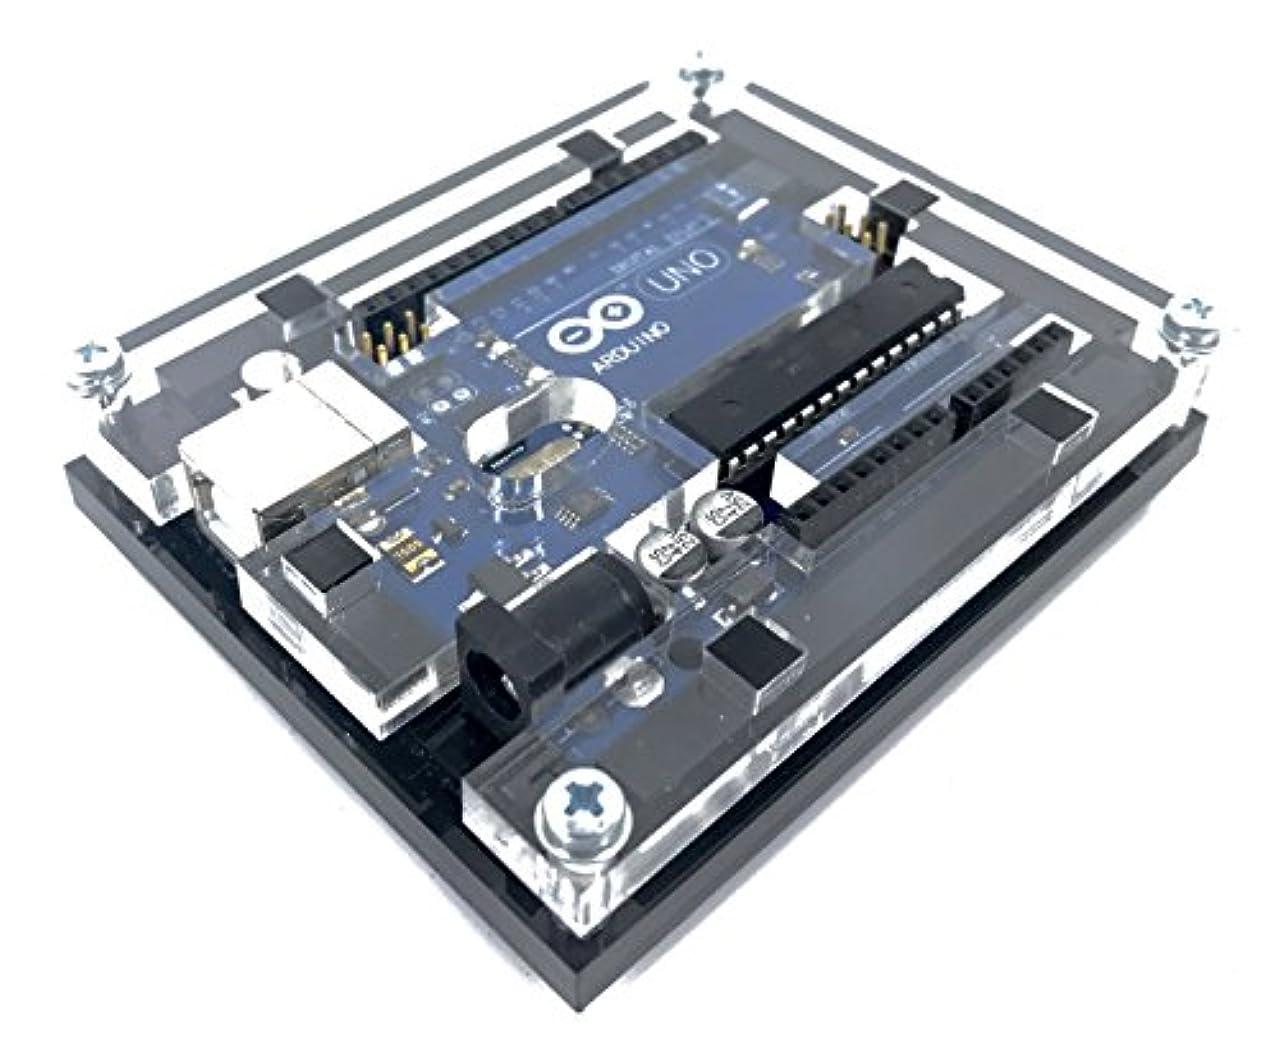 不運キャンベラアウター[ reprapguru ] Uno r3ケースArduino UNO r3と互換性新しい光沢アクリルコンピュータボックスエンクロージャ One Size 1